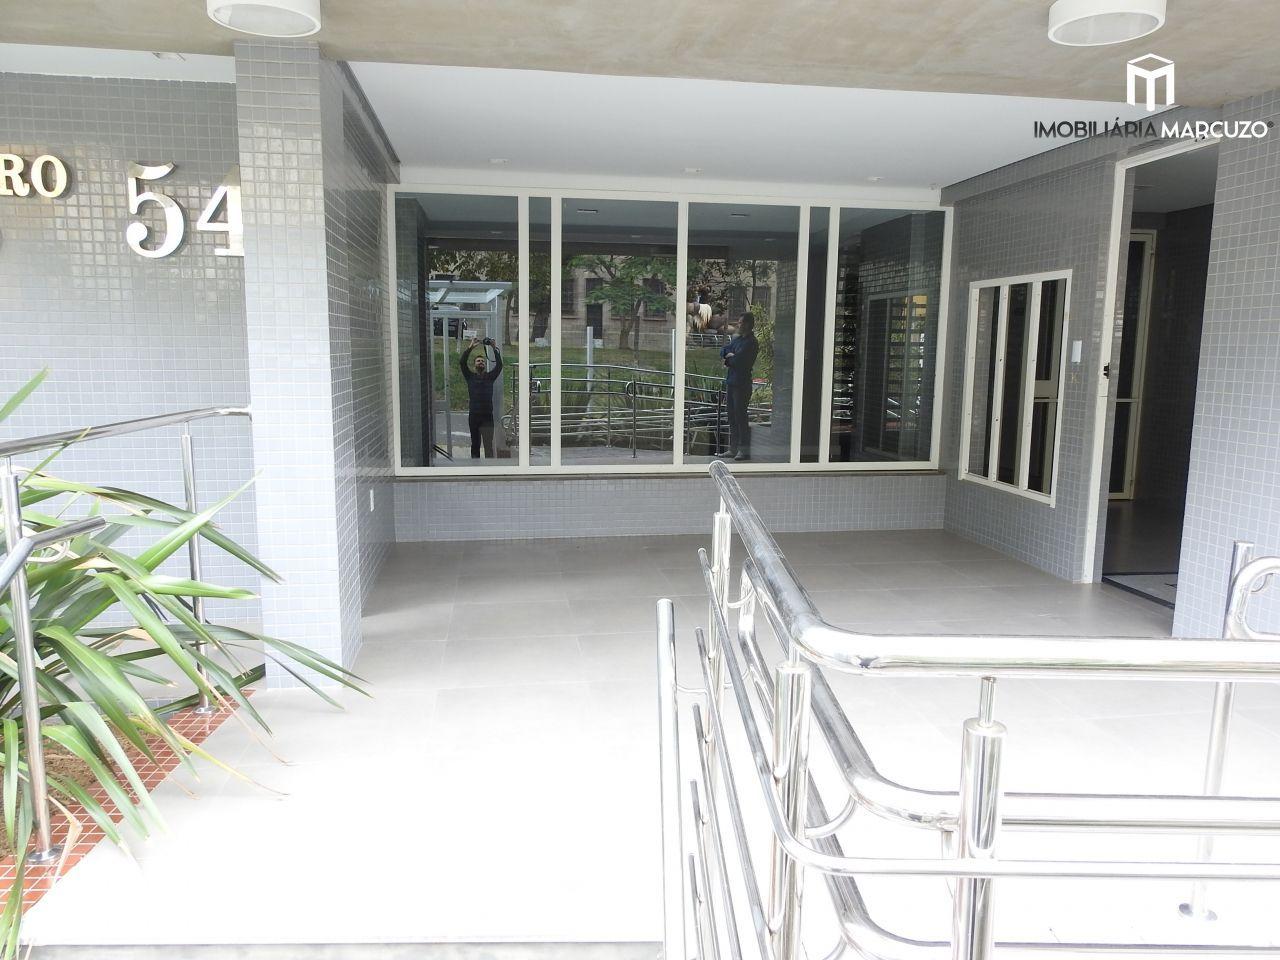 Apartamento com 3 Dormitórios à venda, 132 m² por R$ 665.000,00